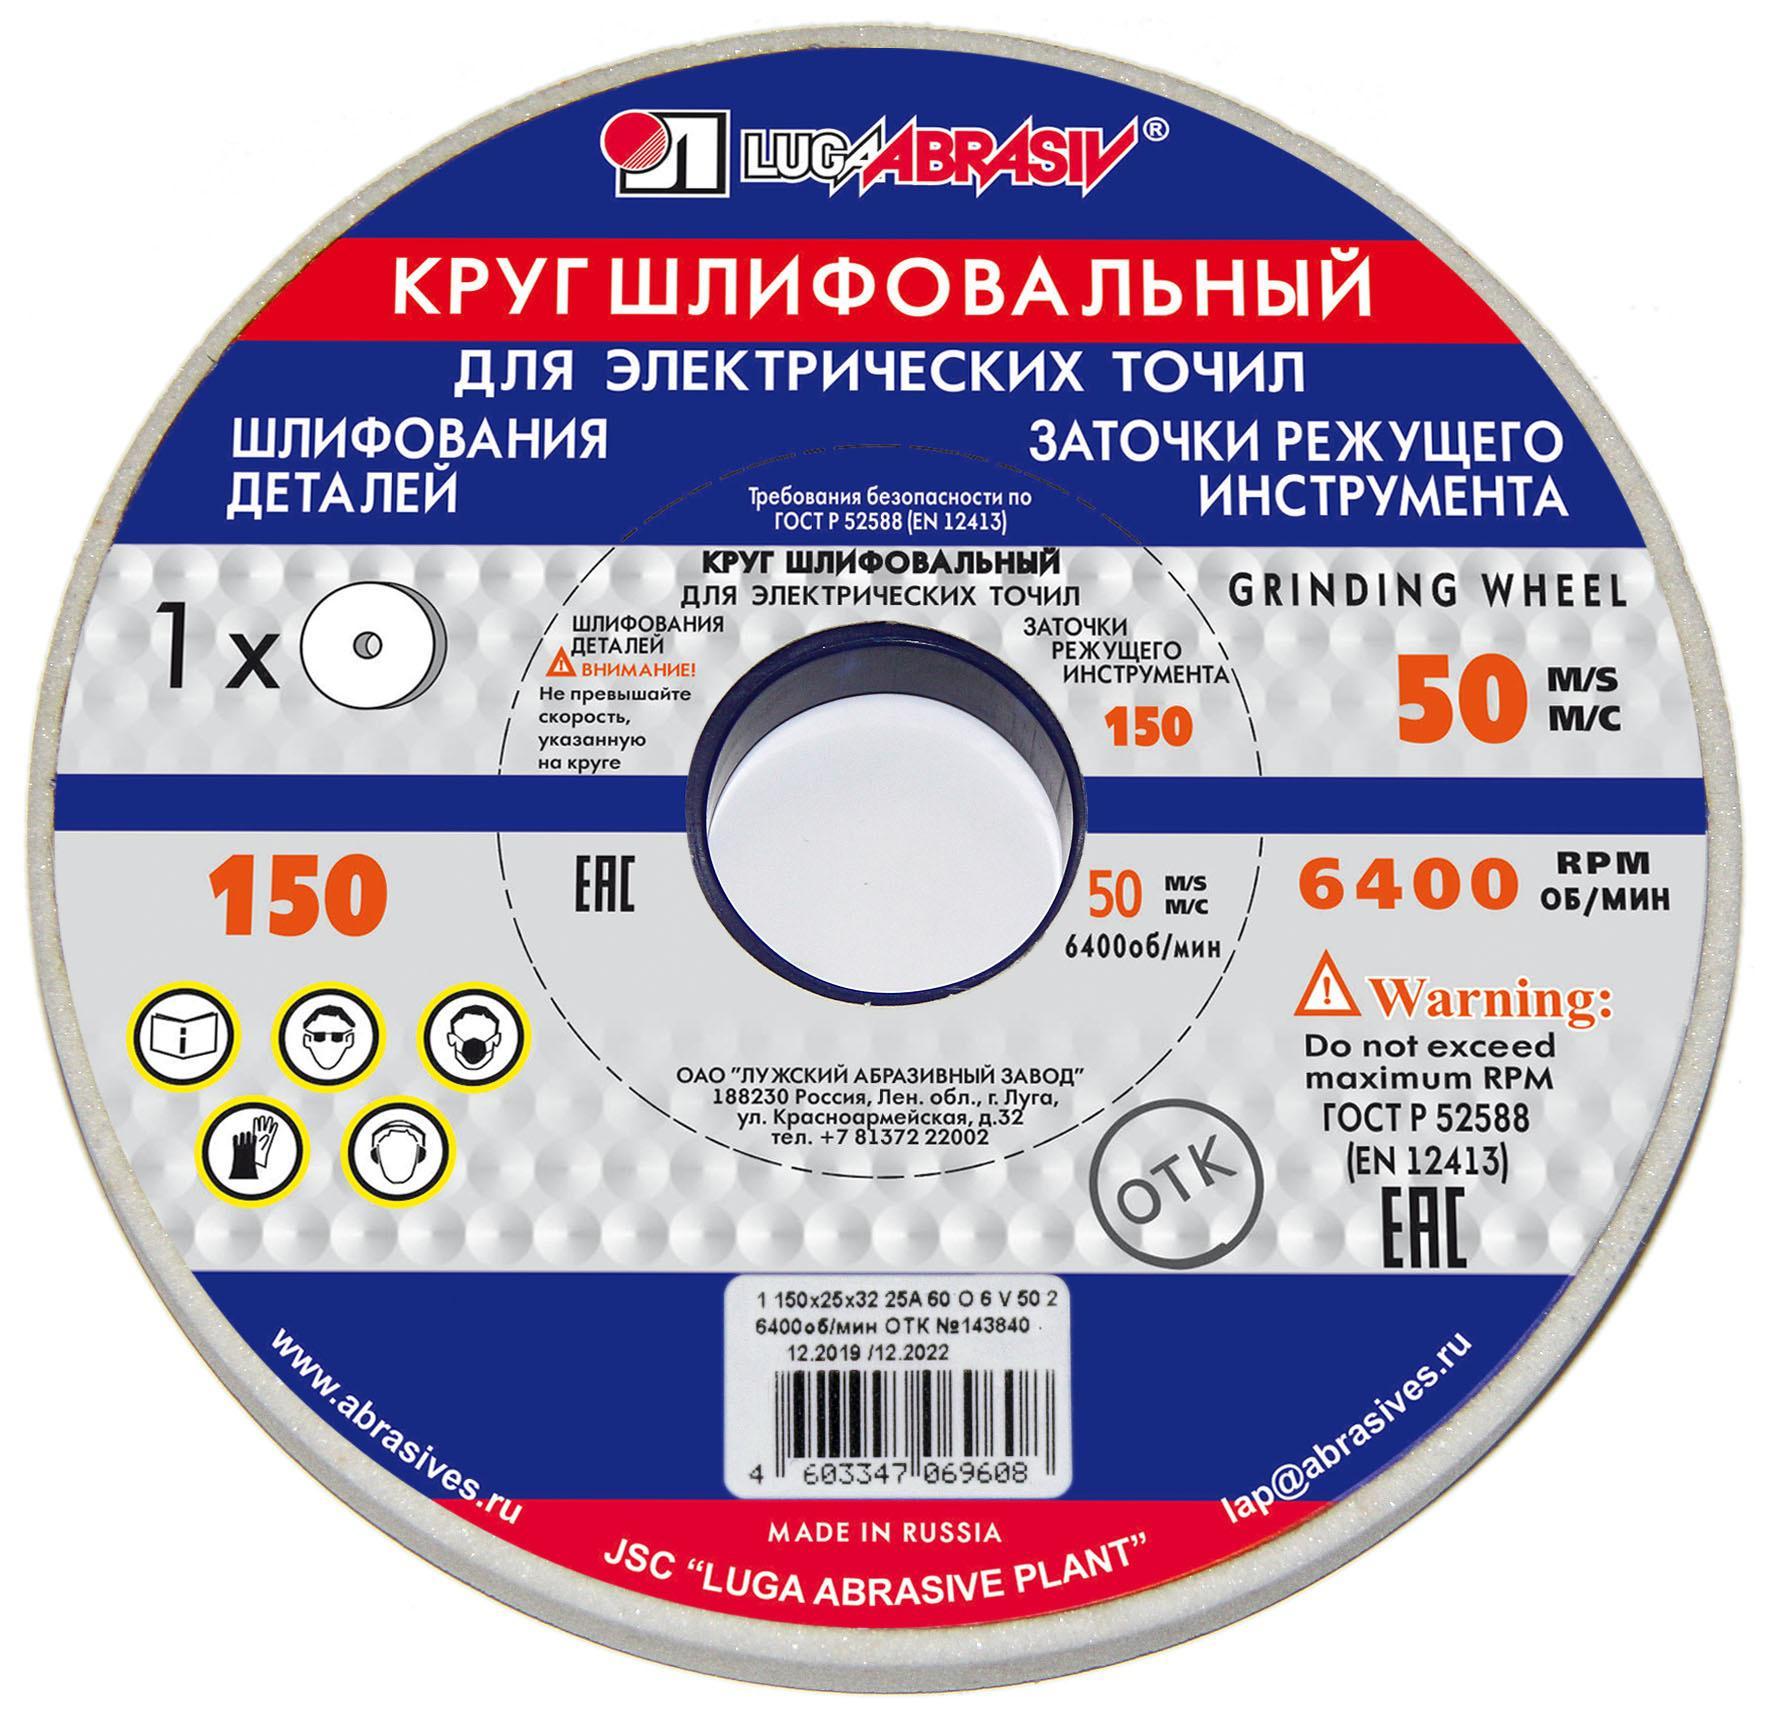 Круг шлифовальный ЛУГА-АБРАЗИВ 1 150 Х 25 Х 32 25А 60 o,p,q (25СТ) 12 150 o